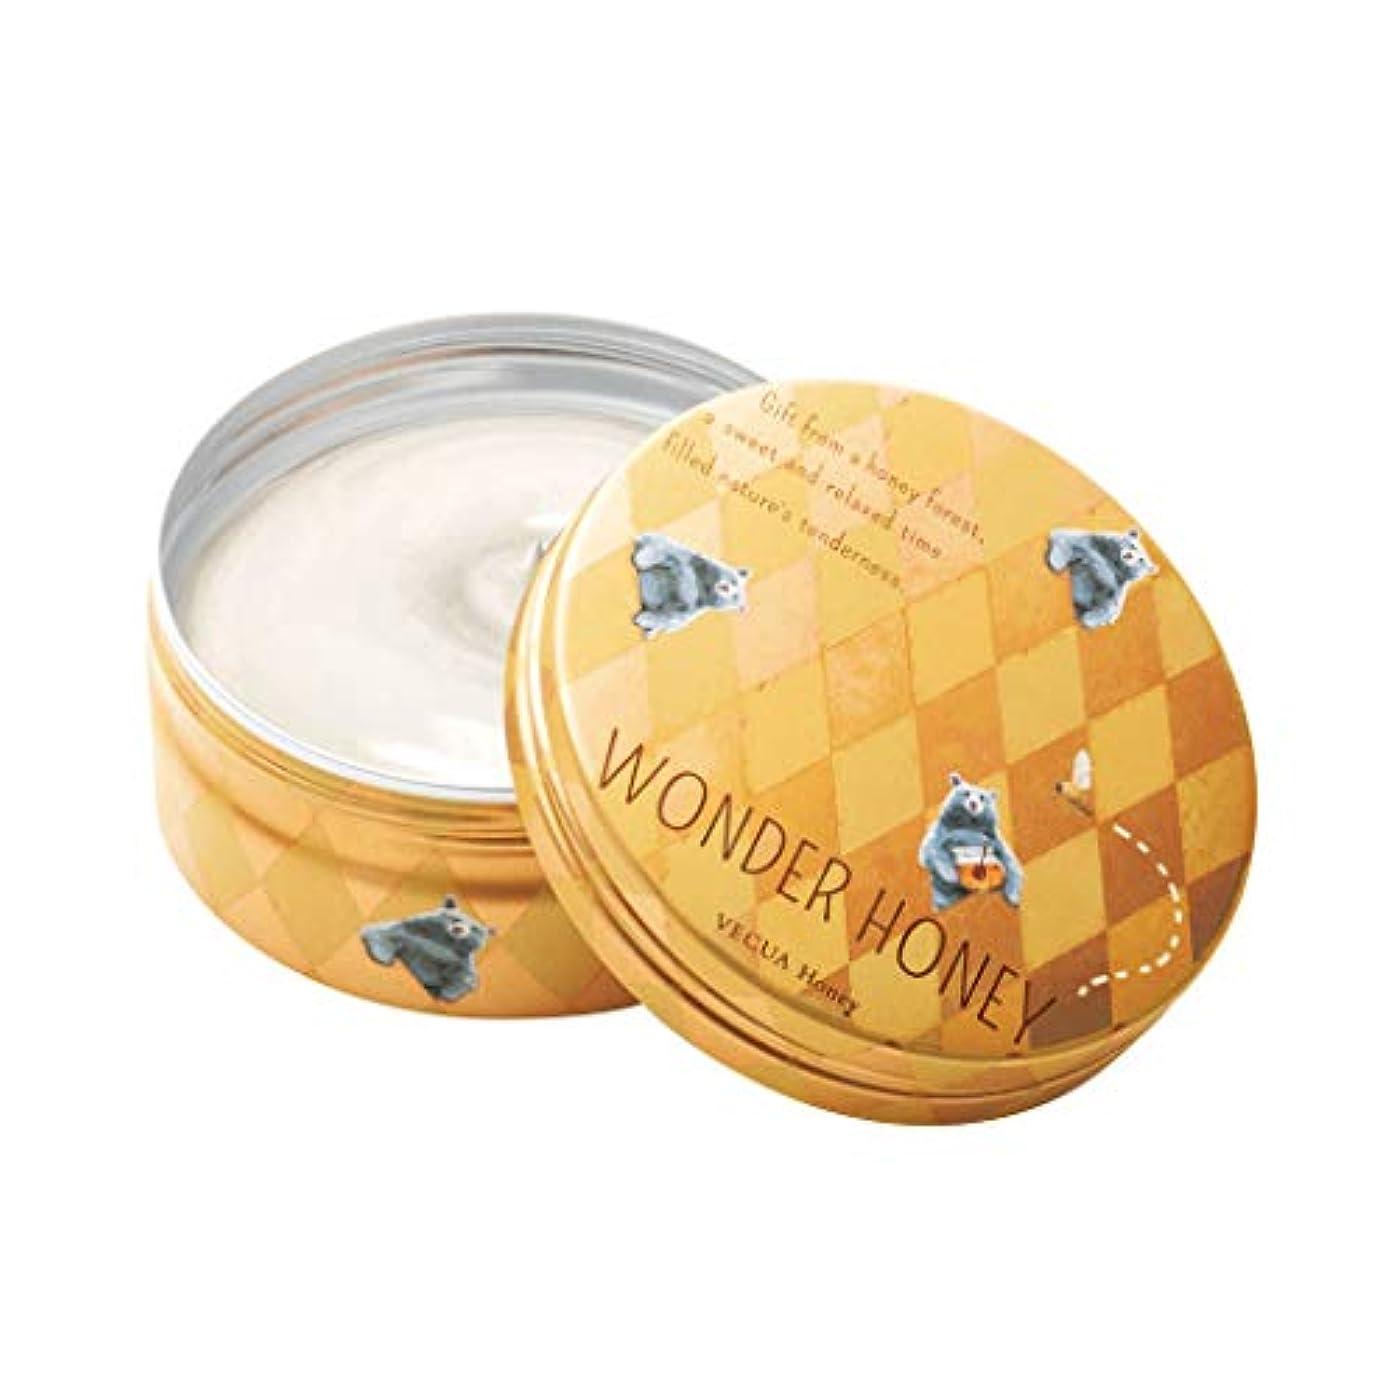 マーチャンダイジング料理君主制ベキュア ハニー(VECUA Honey) ワンダーハニー 濃蜜マルシェのクリームバーム アーガイル 75g